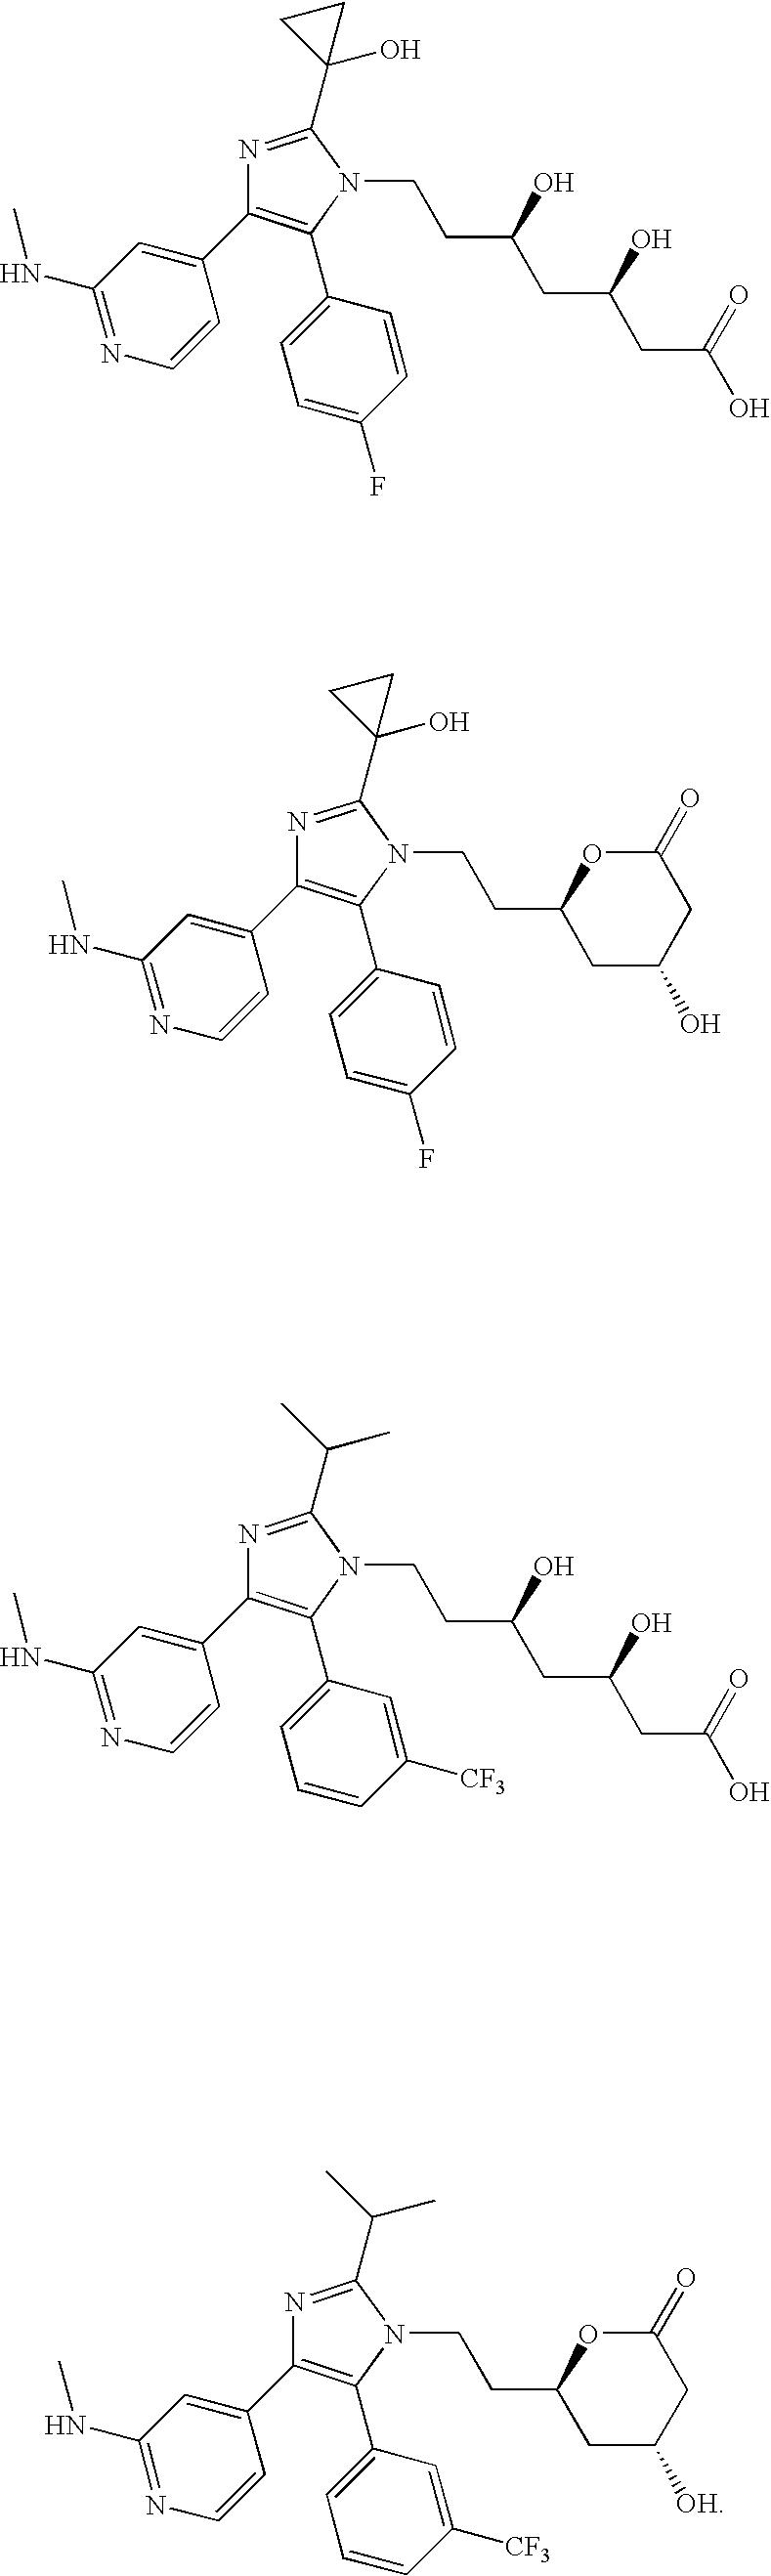 Figure US07183285-20070227-C00067